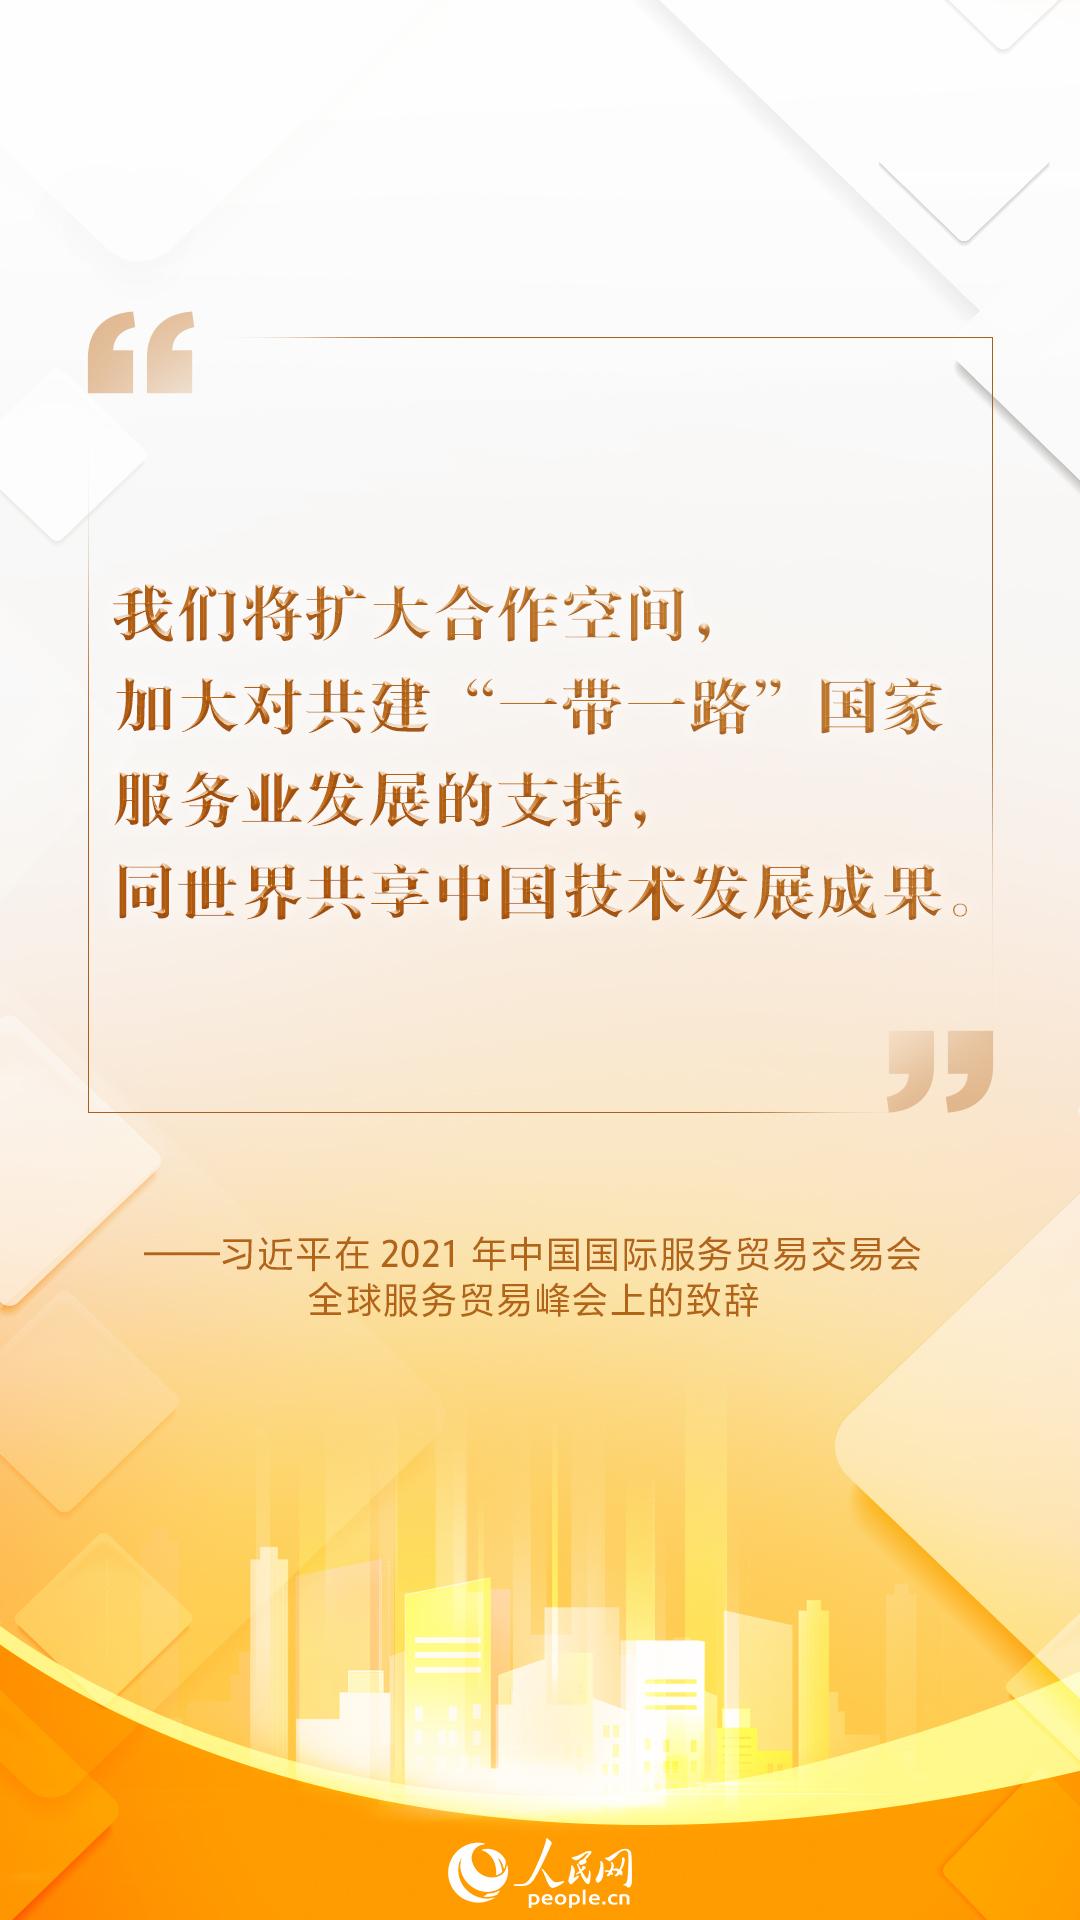 盛煌官方:要点来了!习近平在2021年中国国际服务贸易交易会上发表致辞(图3)